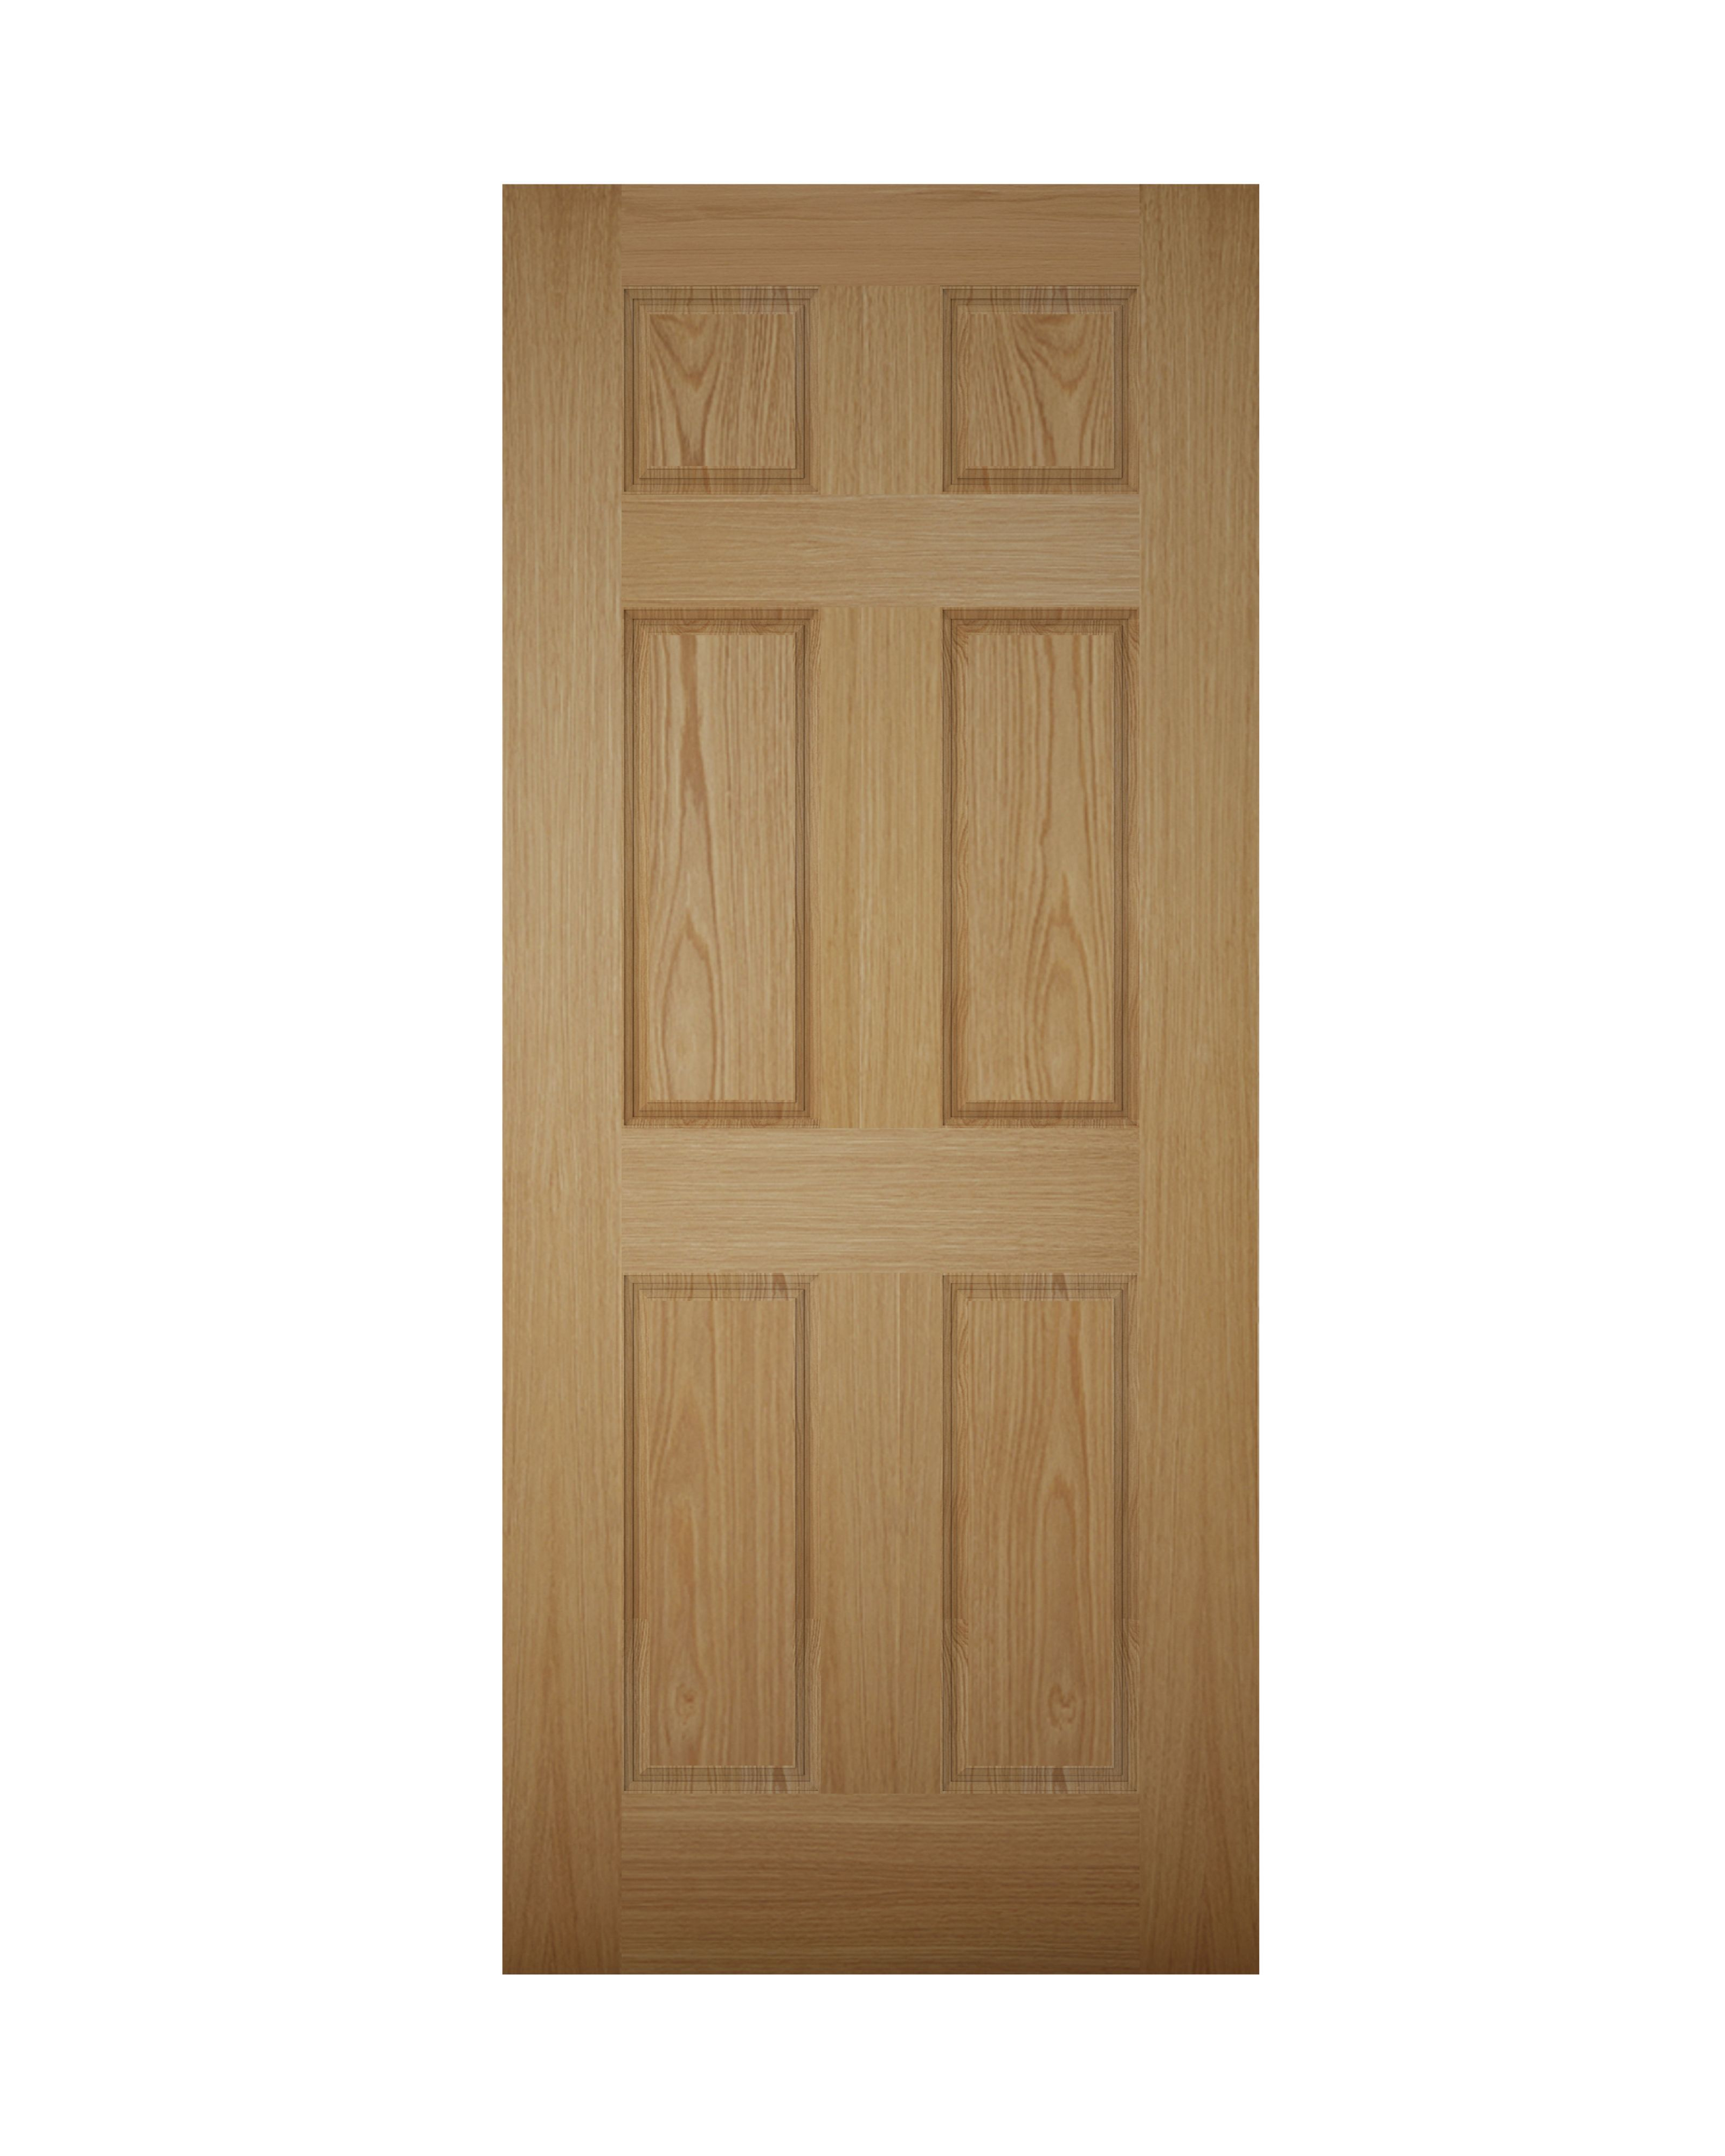 White PVCu Fully Glazed External Back Door Frame Rh H 2055mm W 840mm